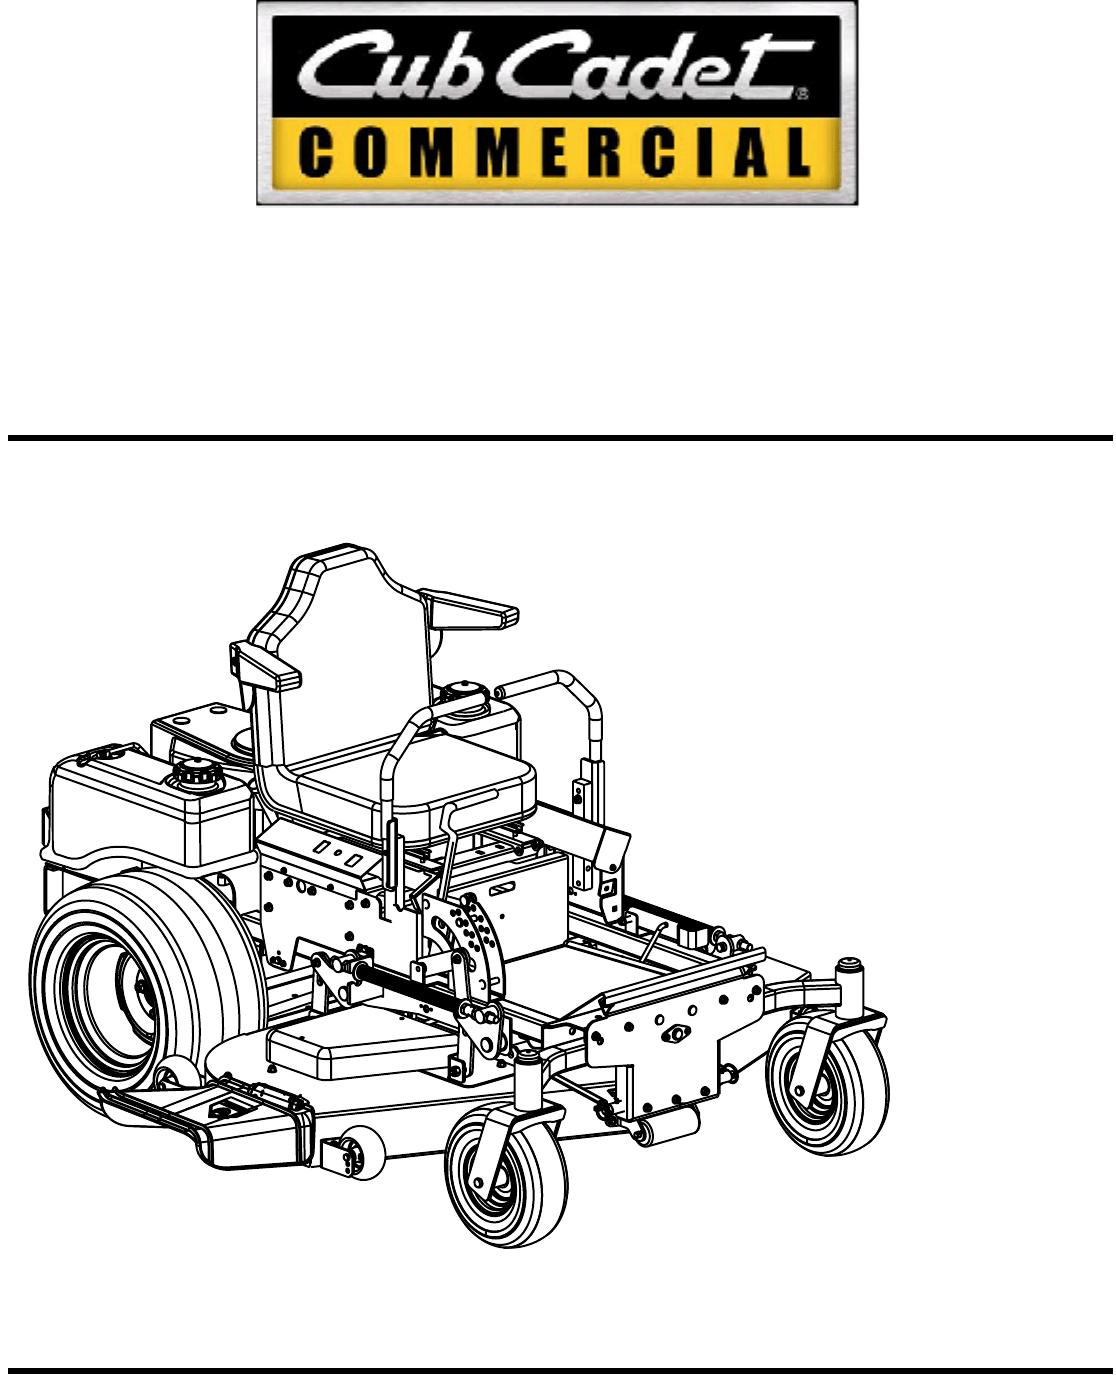 Cub Cadet Lawn Mower 60 Inch Amp 72 Inch Fabricated Deck